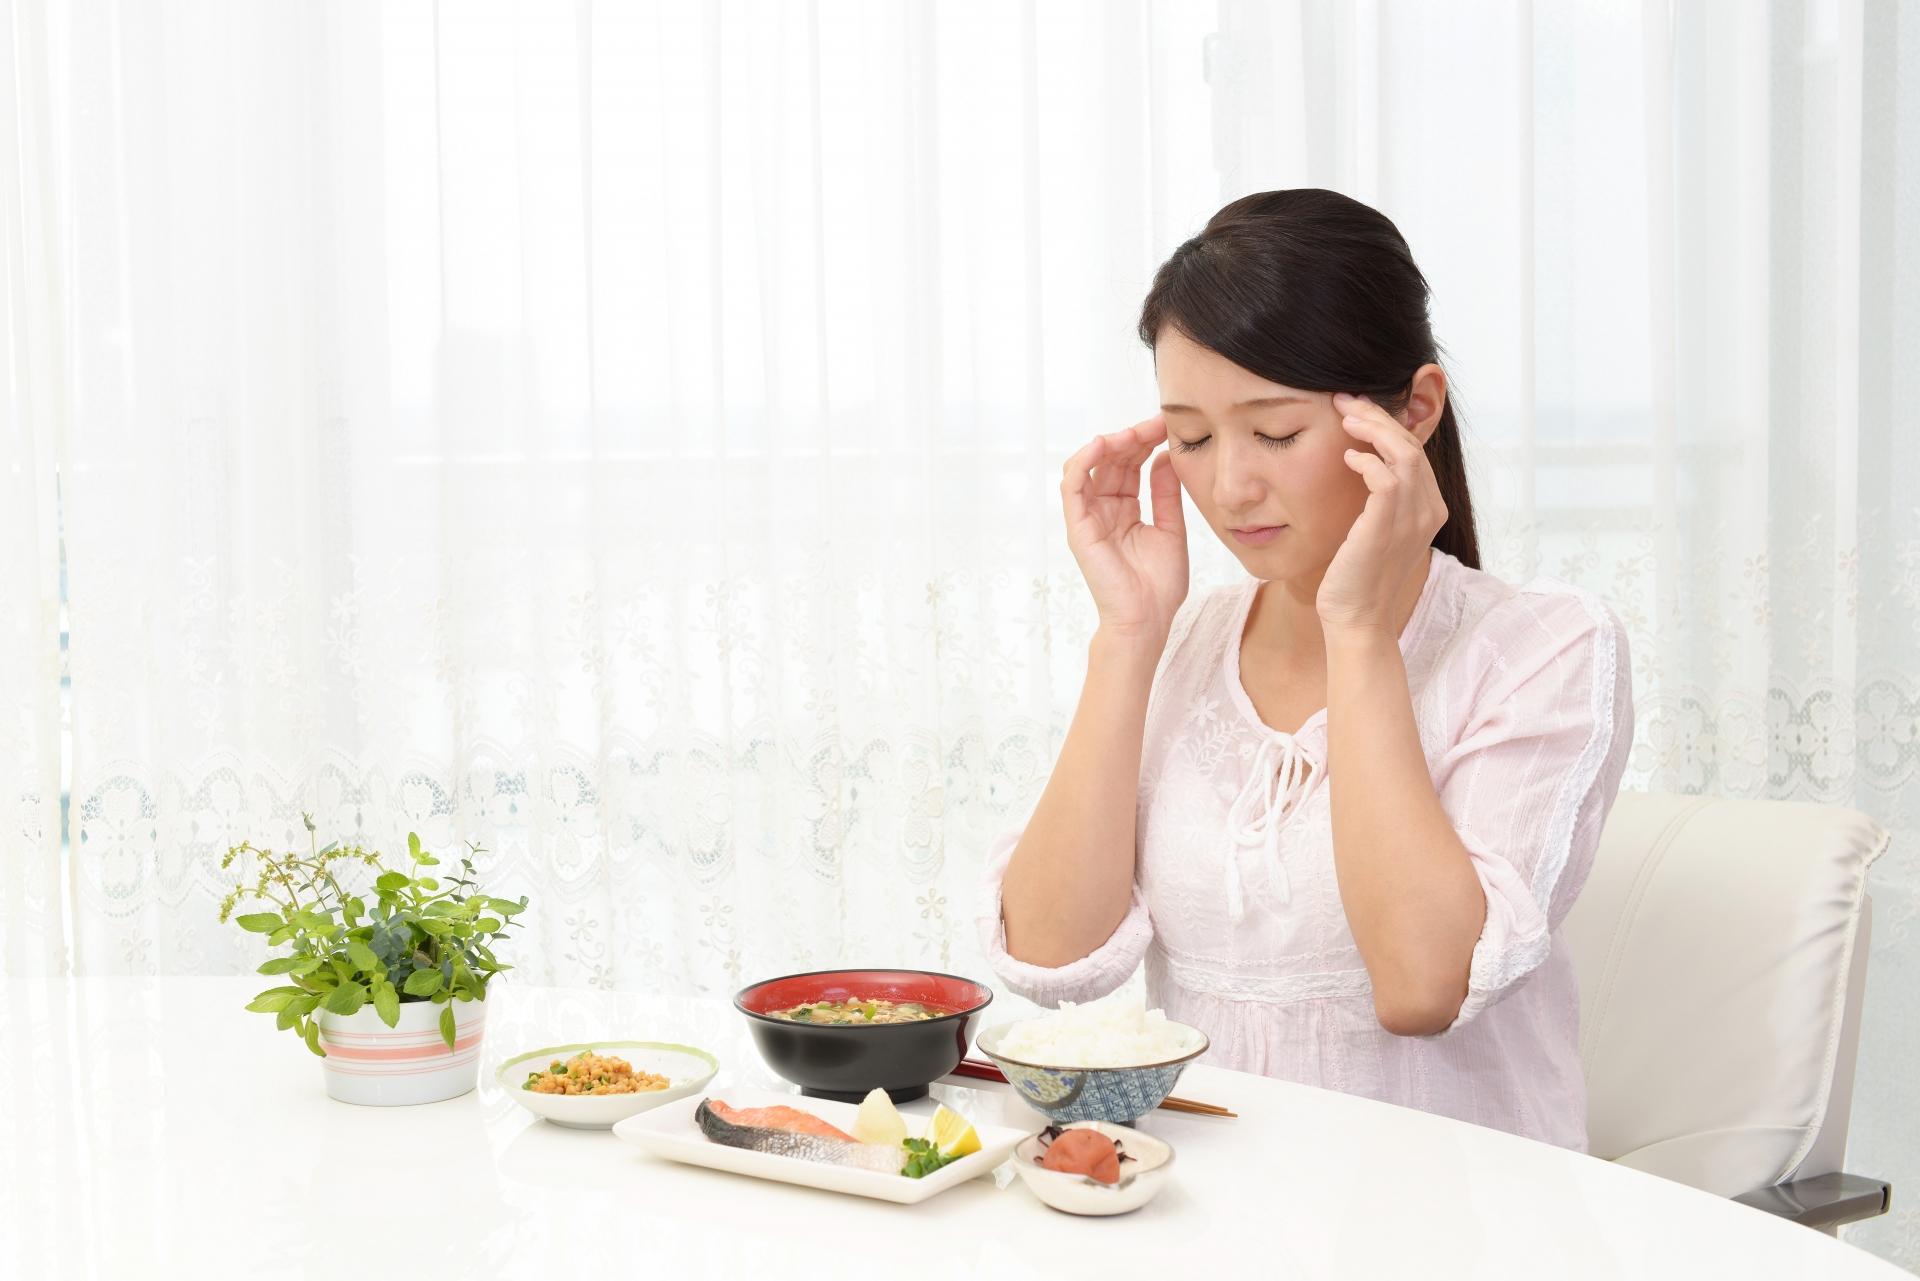 食事中に頭痛がして思わずこめかみを押さえる主婦